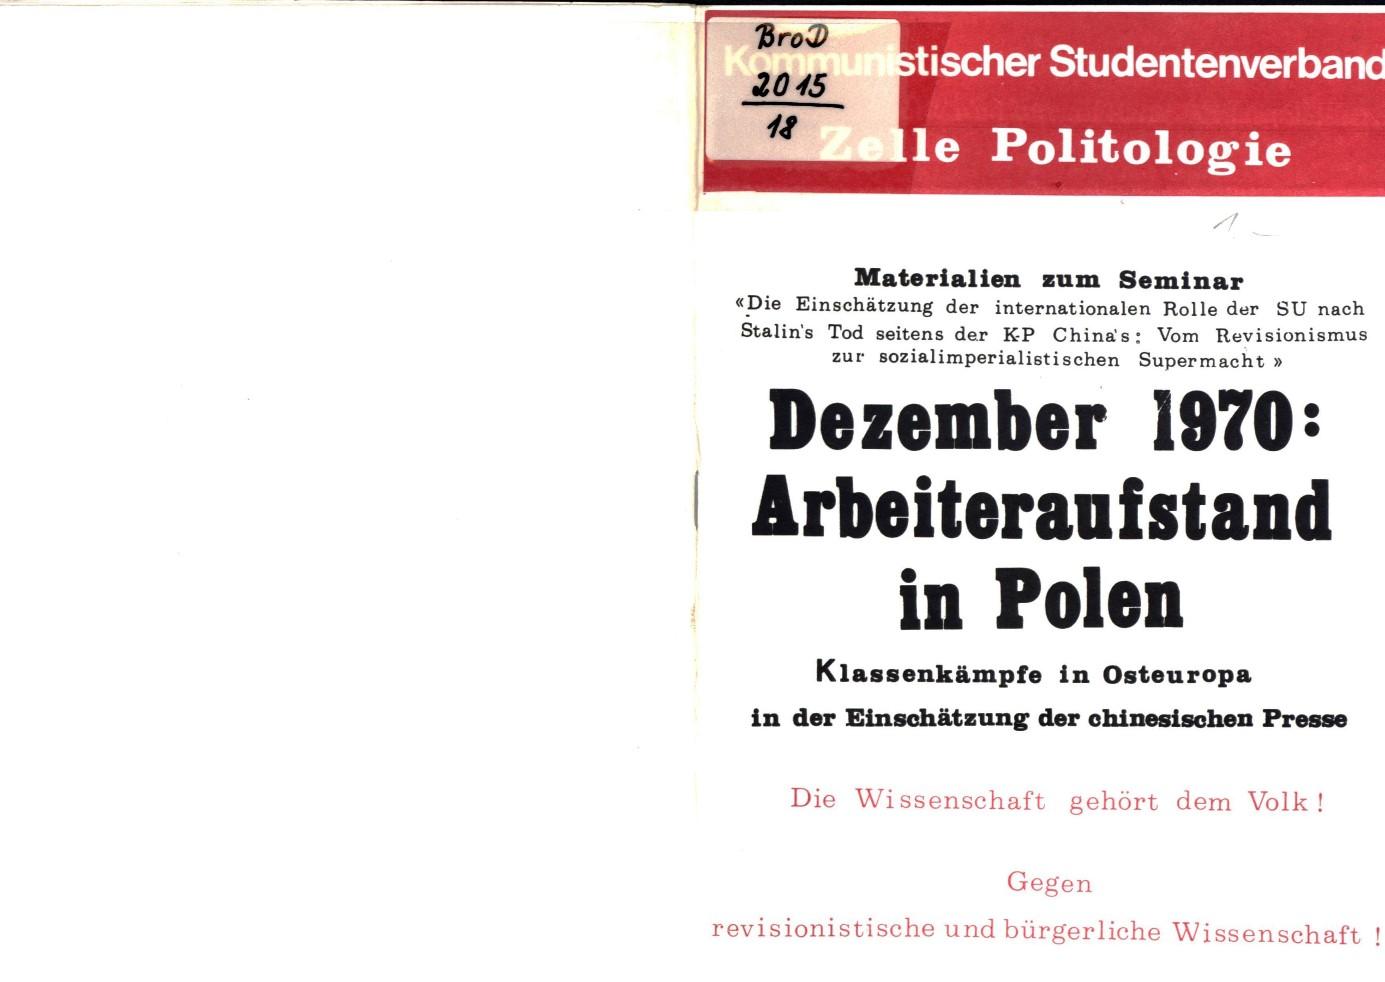 Berlin_KSV_1976_Arbeiteraufstand_in_Polen_01